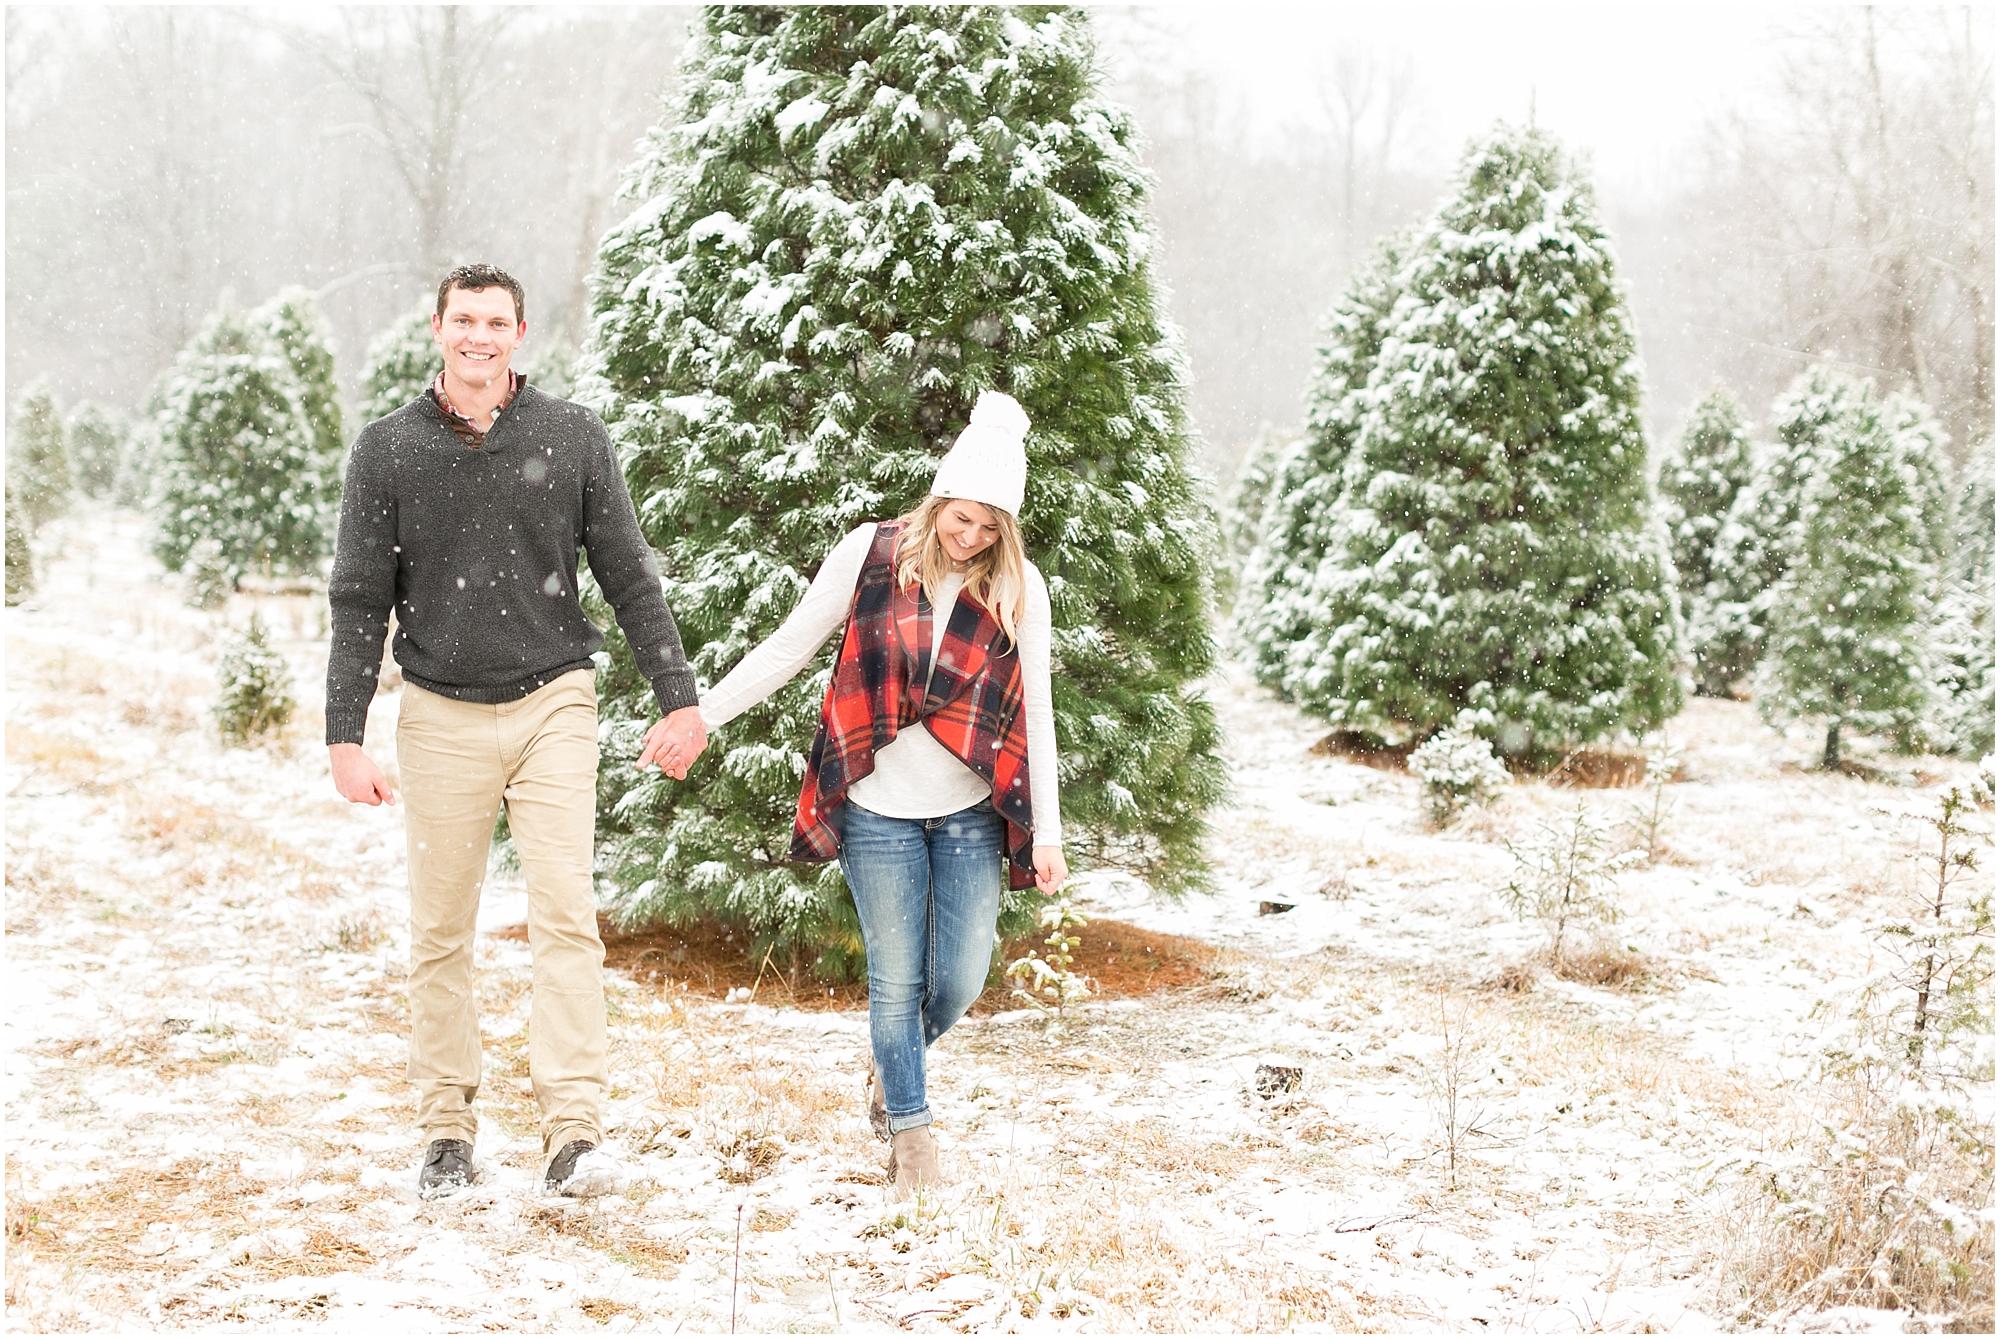 belmont christmas tree farm engagement portrait